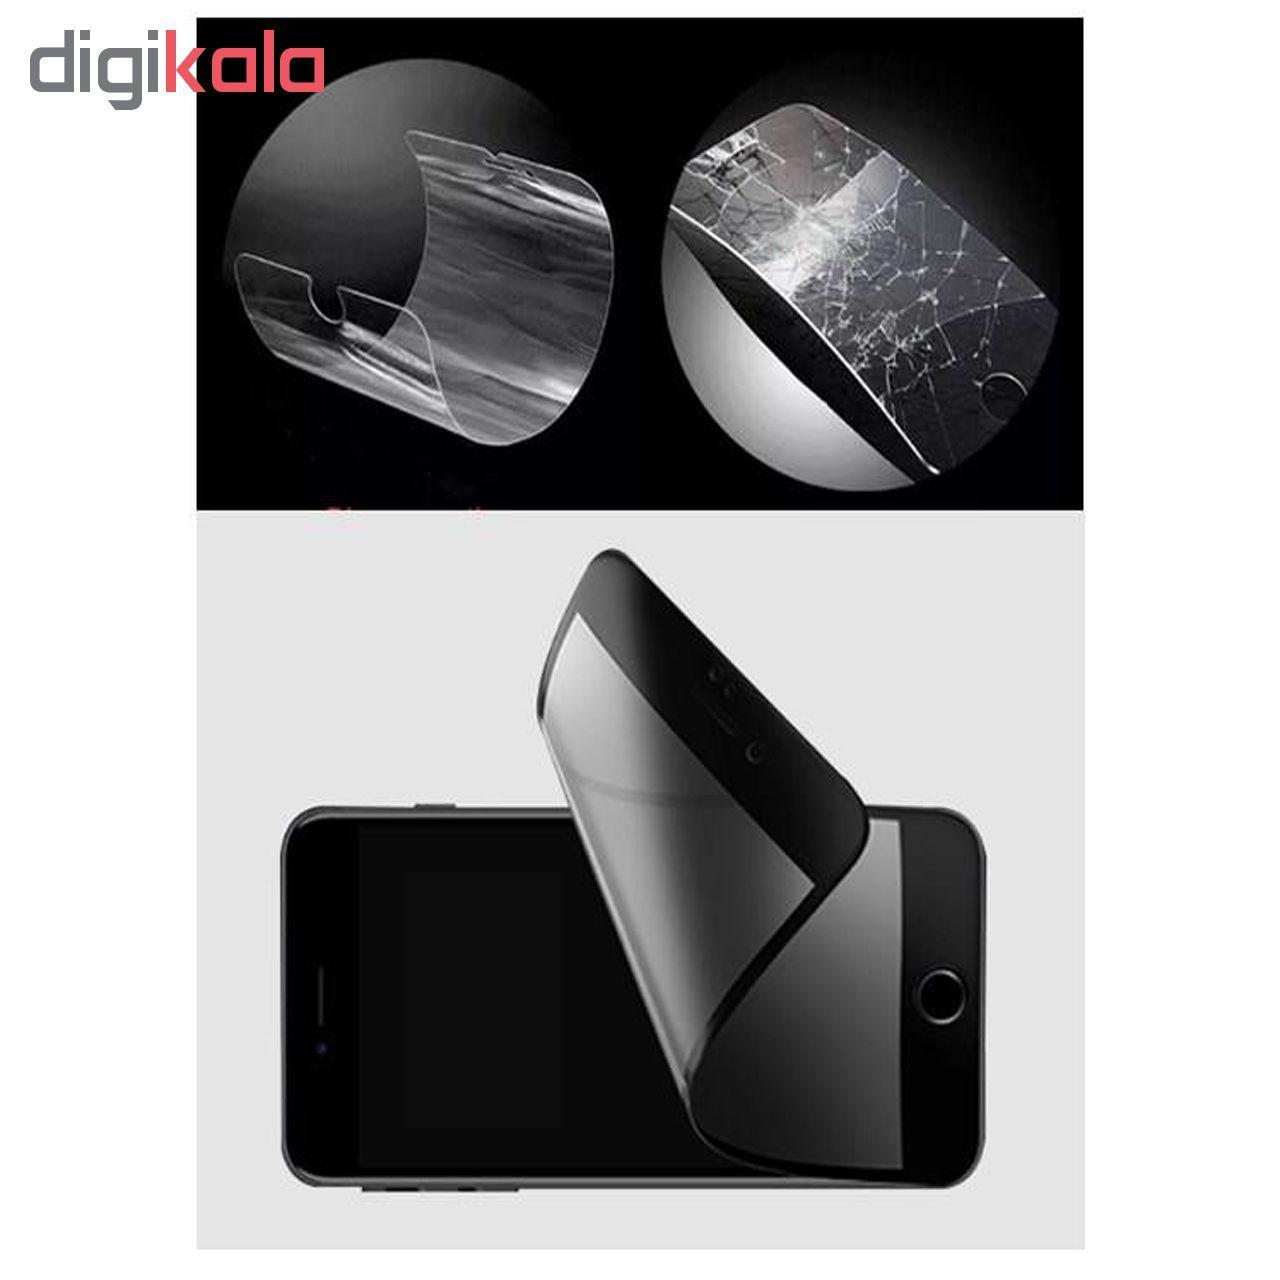 محافظ صفحه نمایش پنتاکس مدل NANO مناسب برای گوشی اپل Iphone XR main 1 4